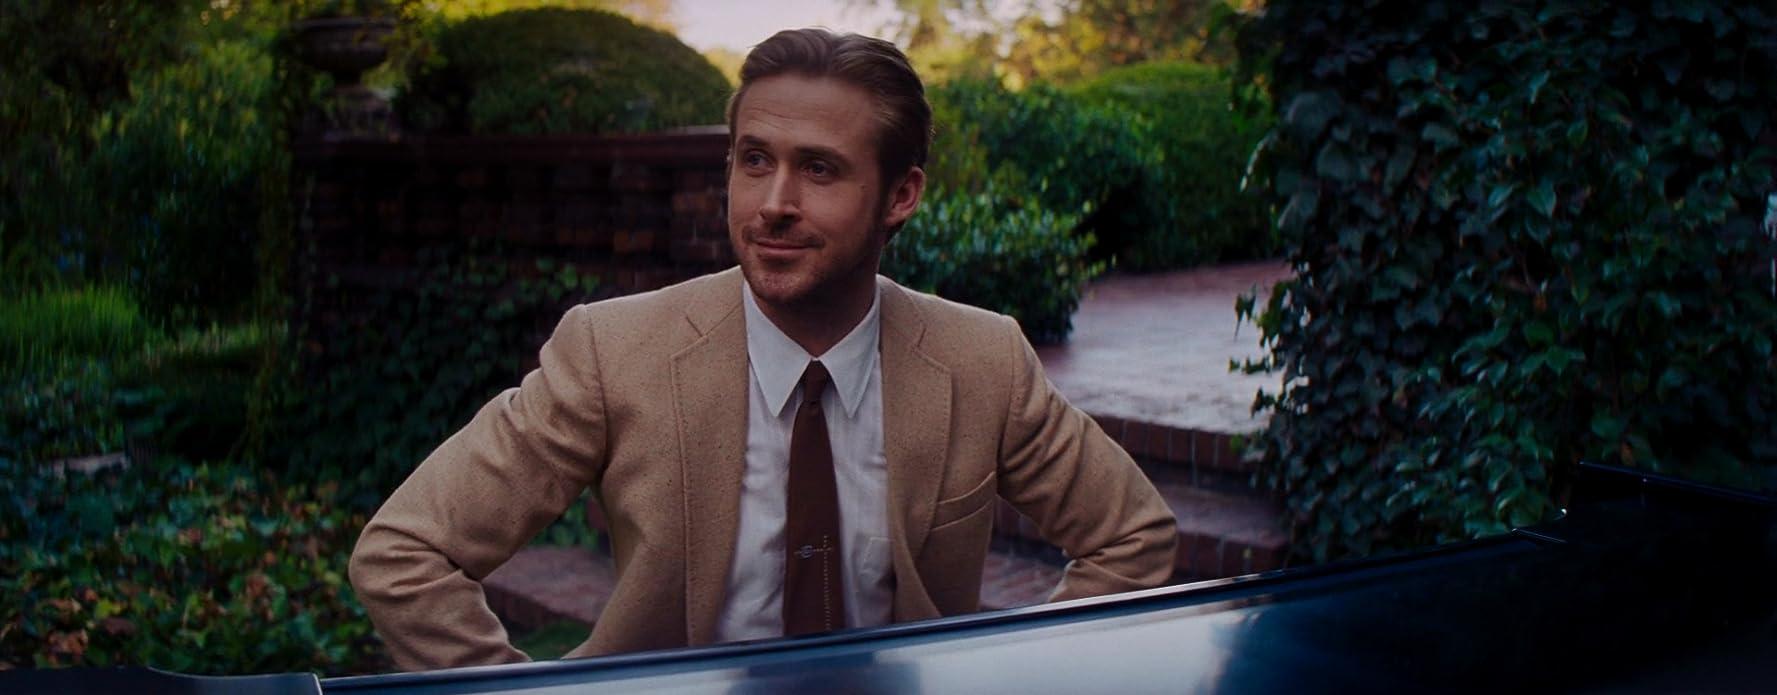 Ryan Gosling in La La Land (2016)